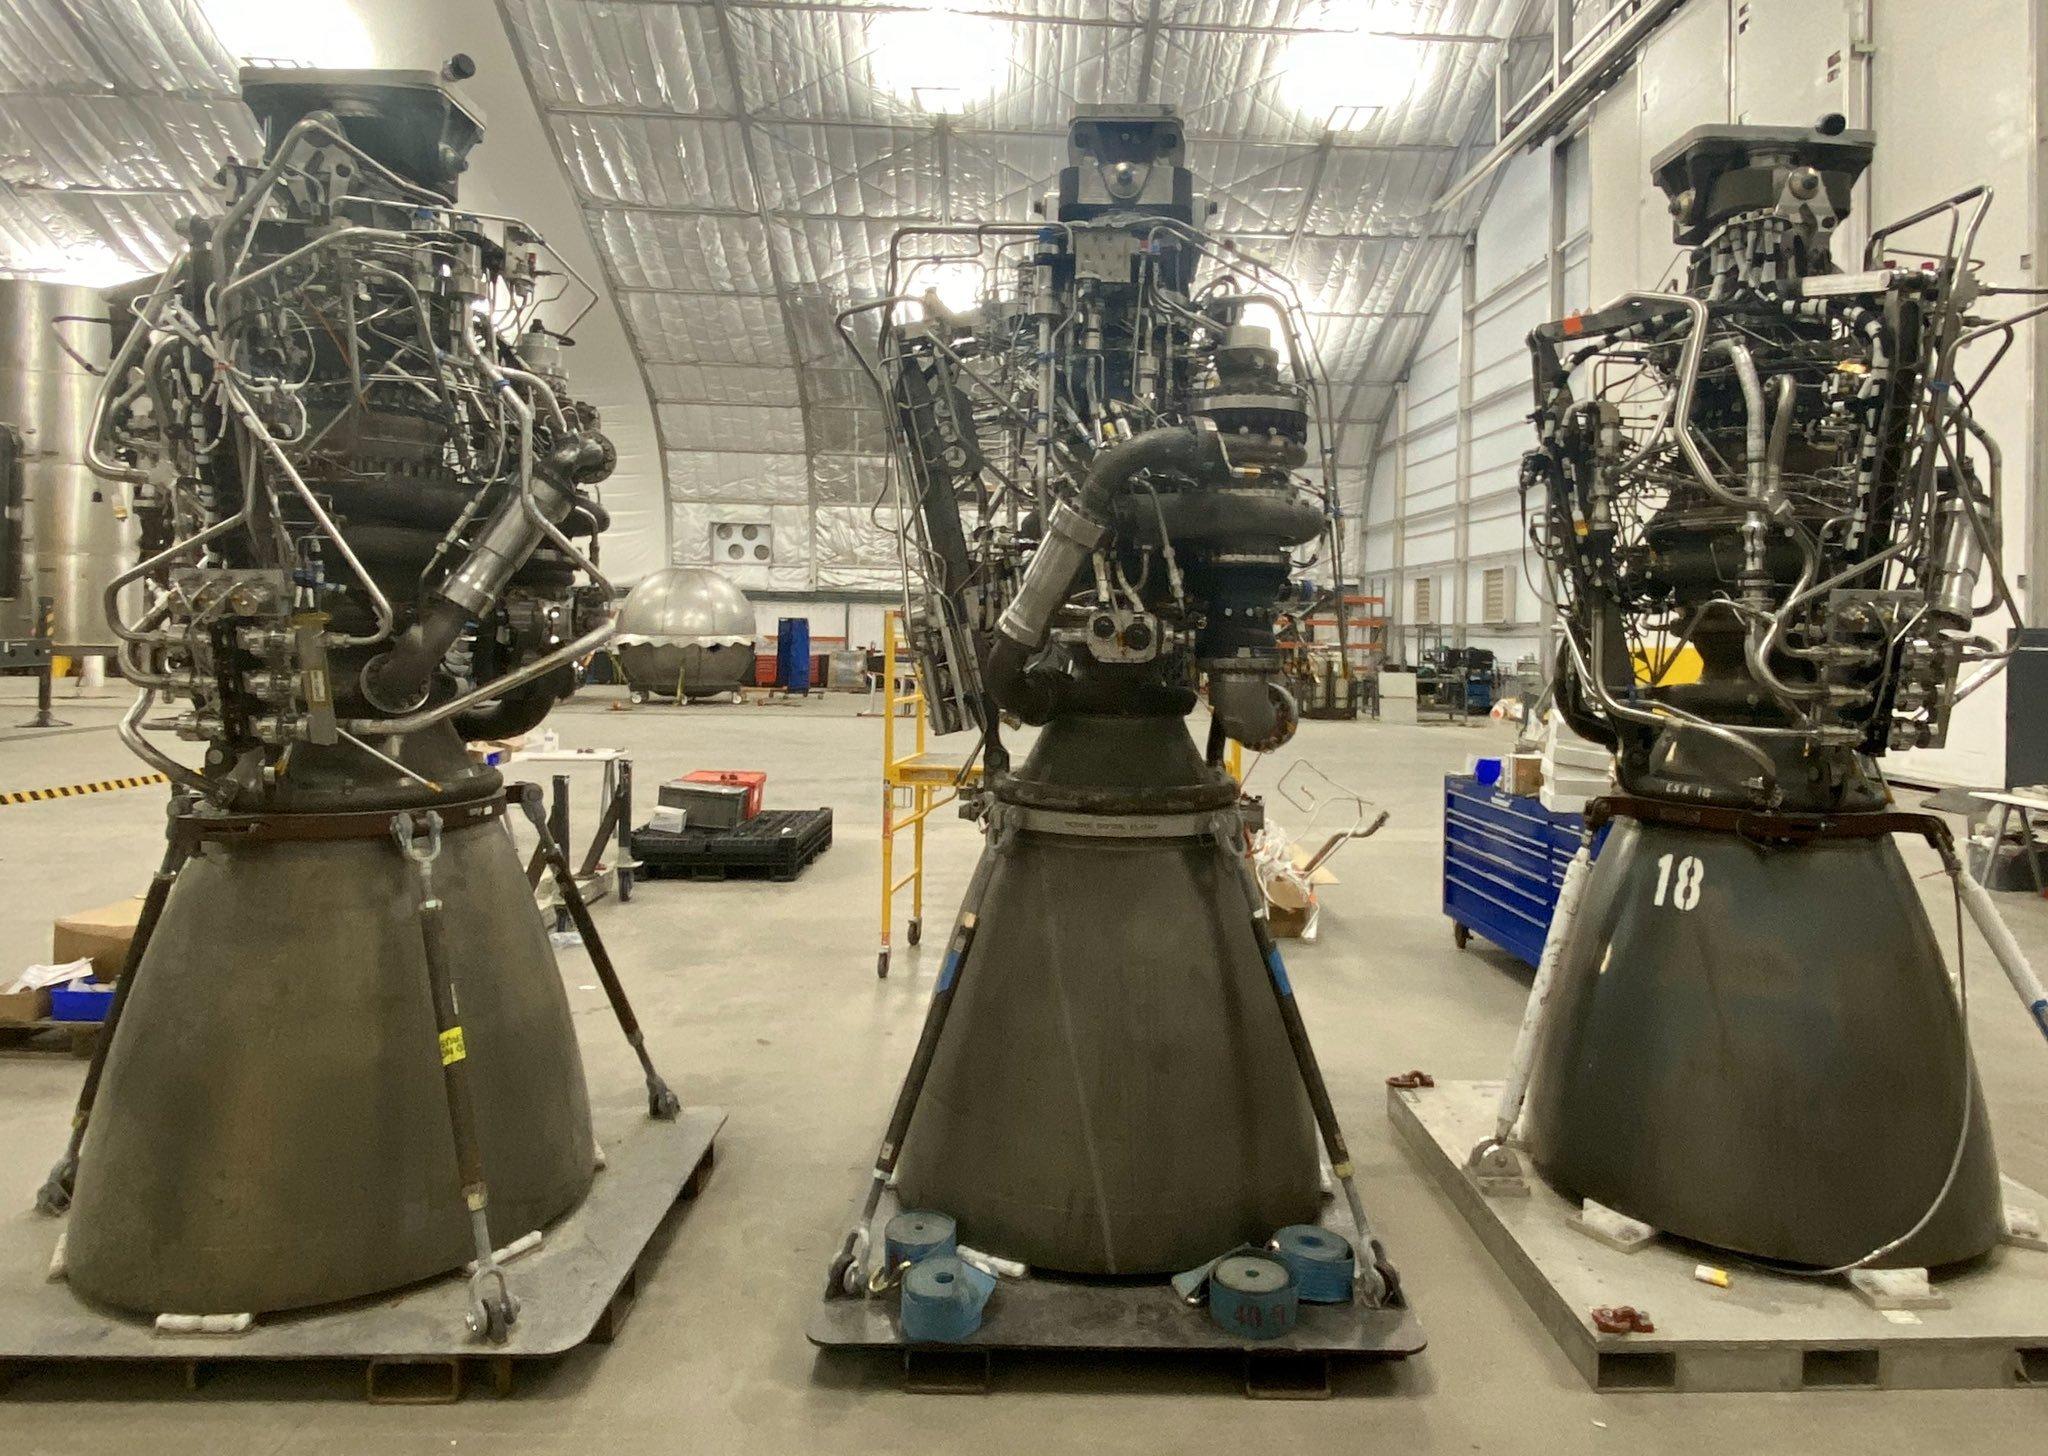 马斯克解释星际飞船原型测试失败:操作失误是主因